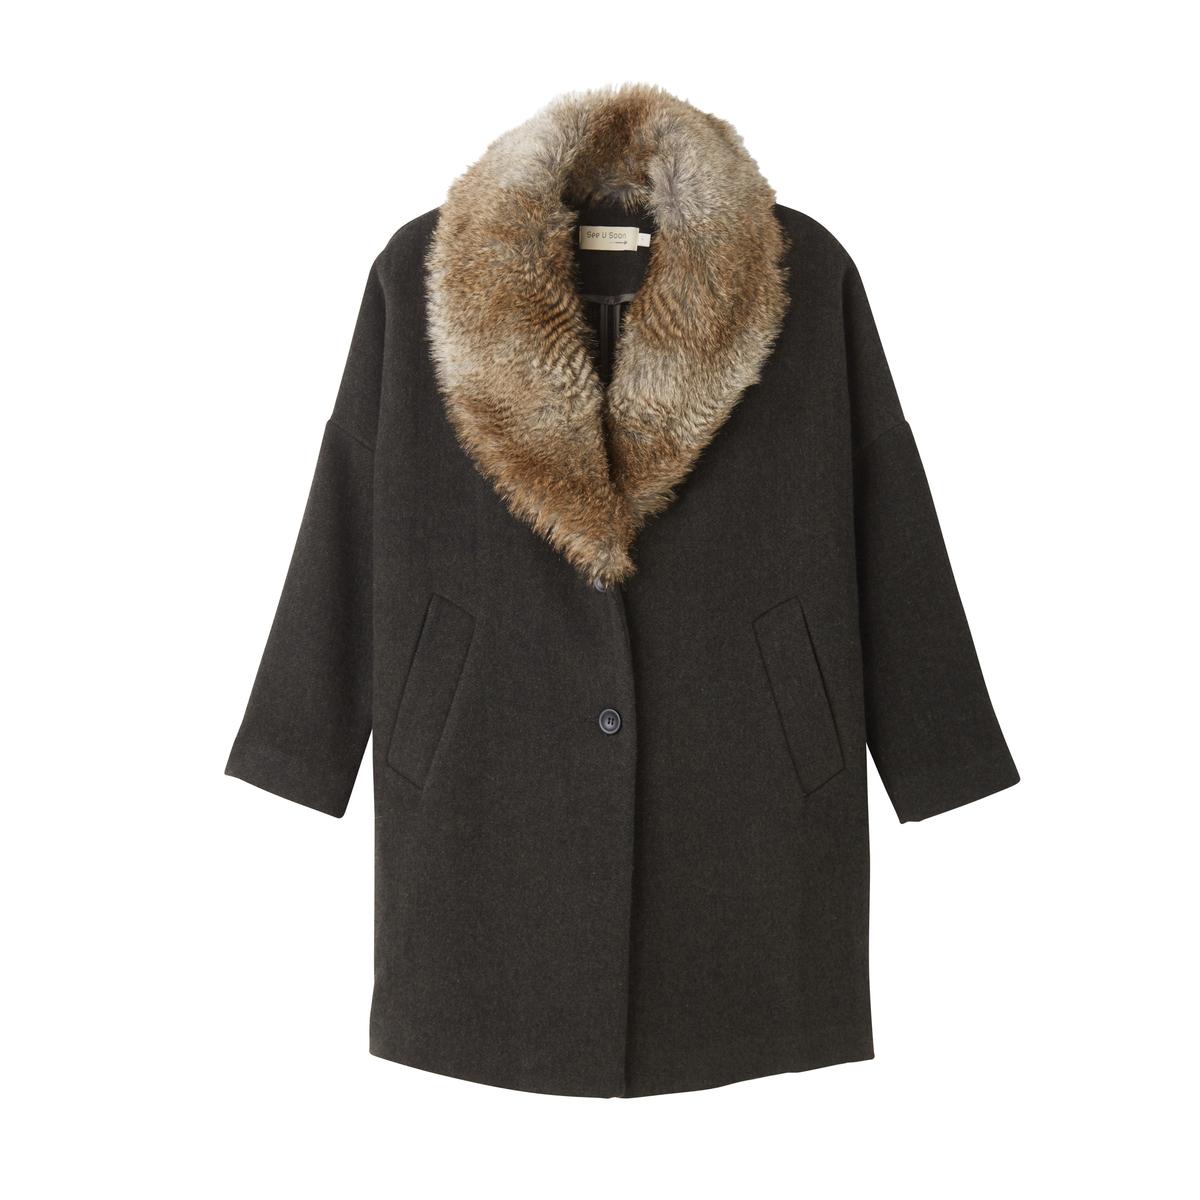 Пальто оверсайз с искусственным мехомВеликолепное пальто покроя оверсайз создает восхитительный внешний вид . Украшенное замечательным съемным шалевым воротником, это пальто не даст вам замерзнуть зимой Детали •  Длина : средняя •  Воротник-поло, рубашечный  • Застежка на пуговицыСостав и уход •  85% шерсти, 15% акрила •  Подкладка : 100% полиэстер •  Следуйте рекомендациям по уходу, указанным на этикетке изделия<br><br>Цвет: хаки темный/мех бежевый<br>Размер: S/M.M/L